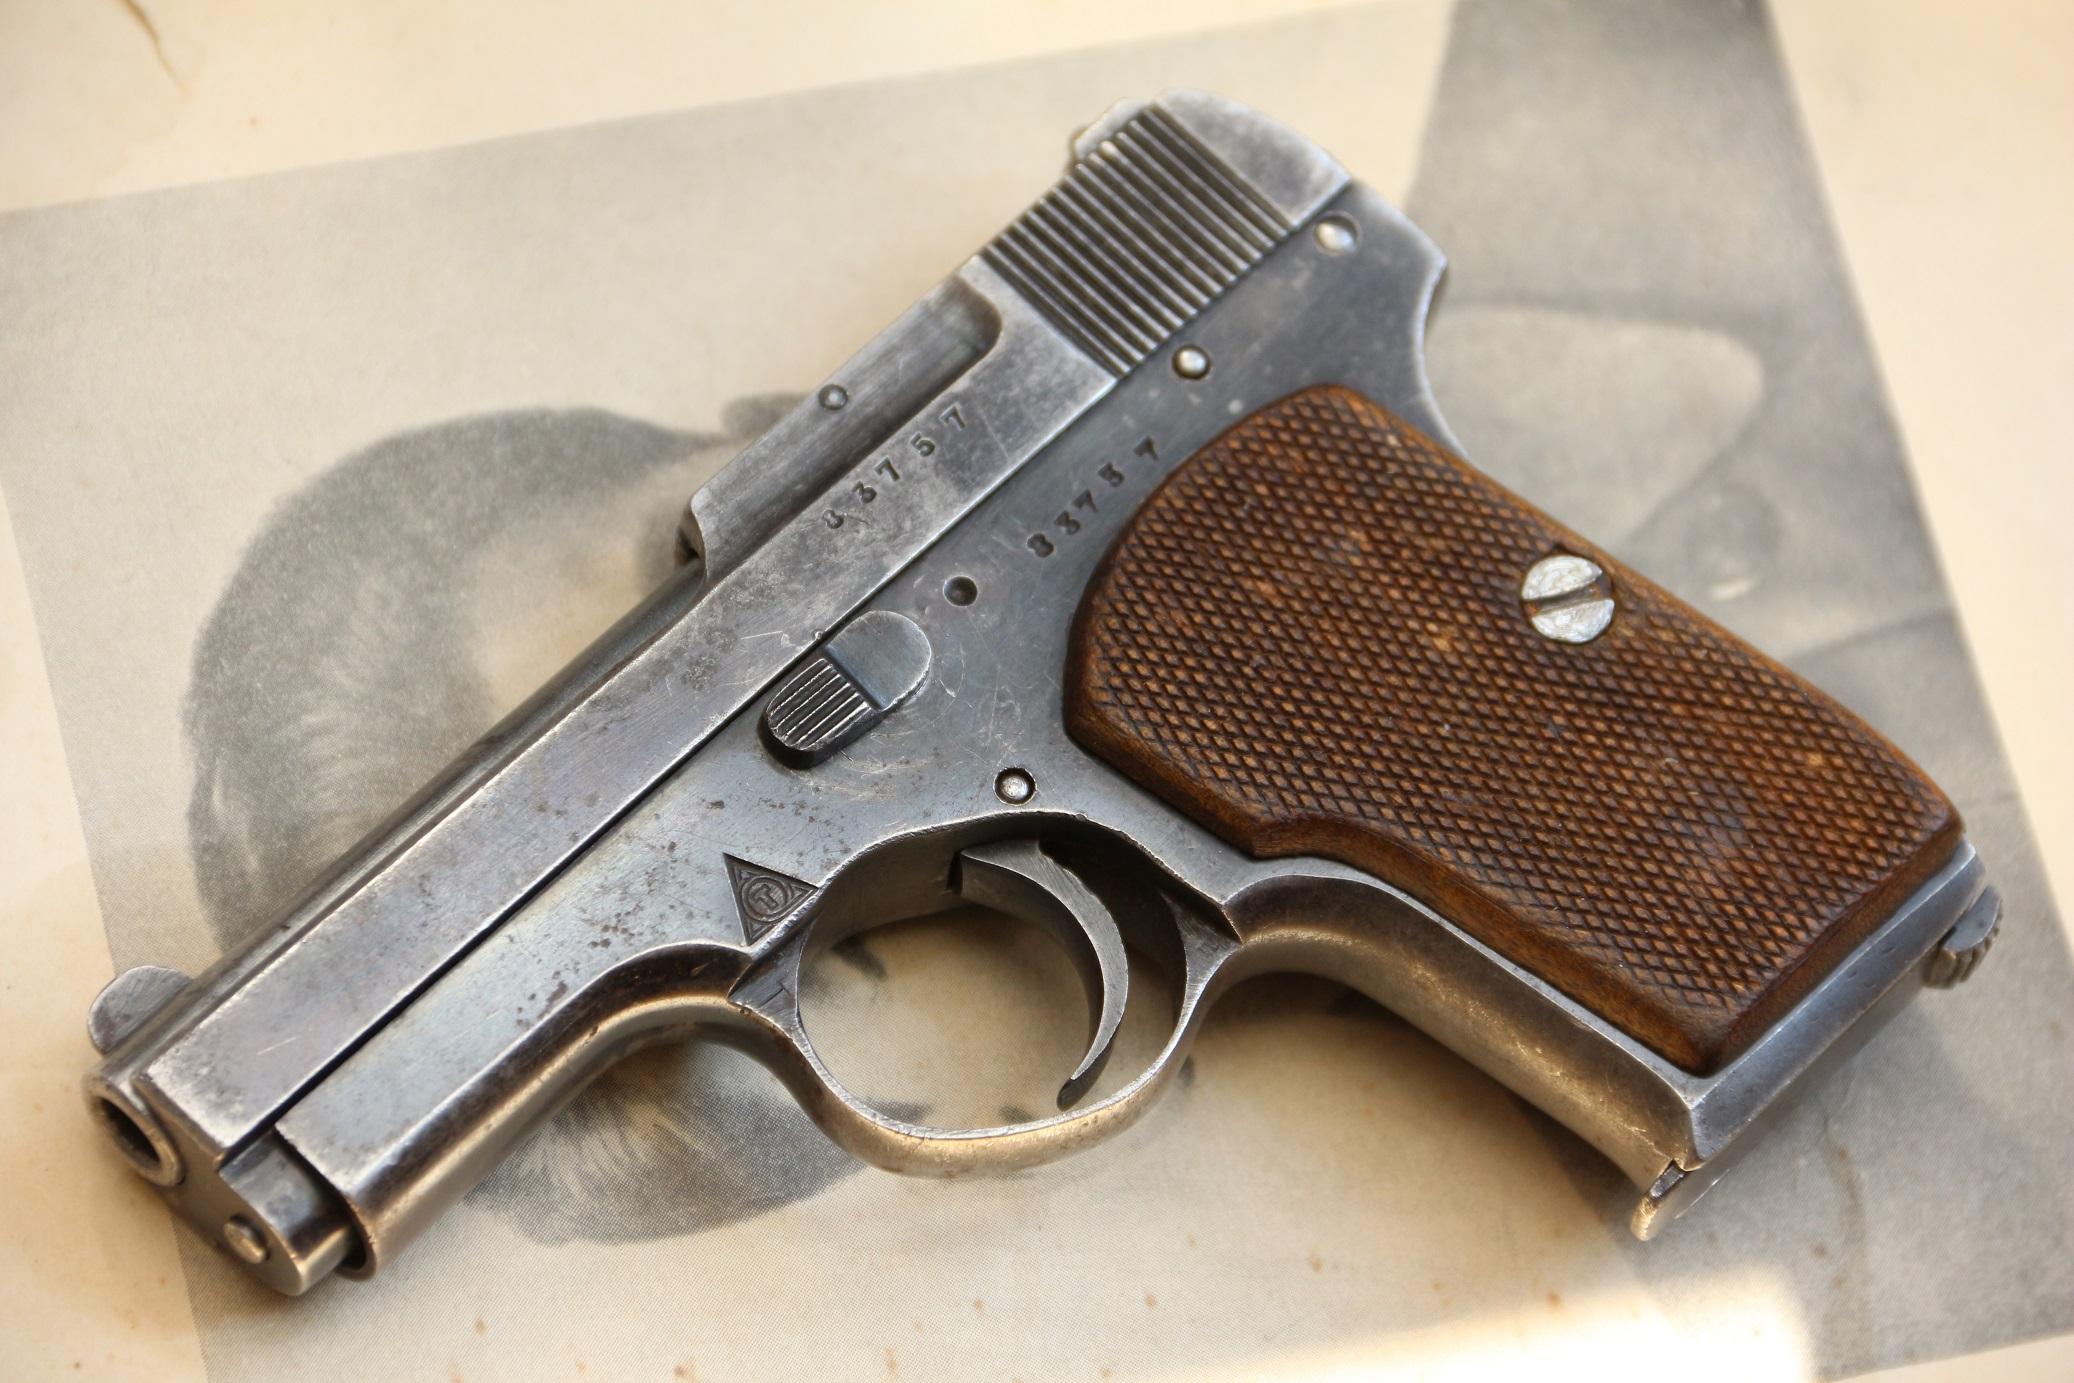 Пистолет Тульский Коровин ТК №83757, ранний, образца 1926 года